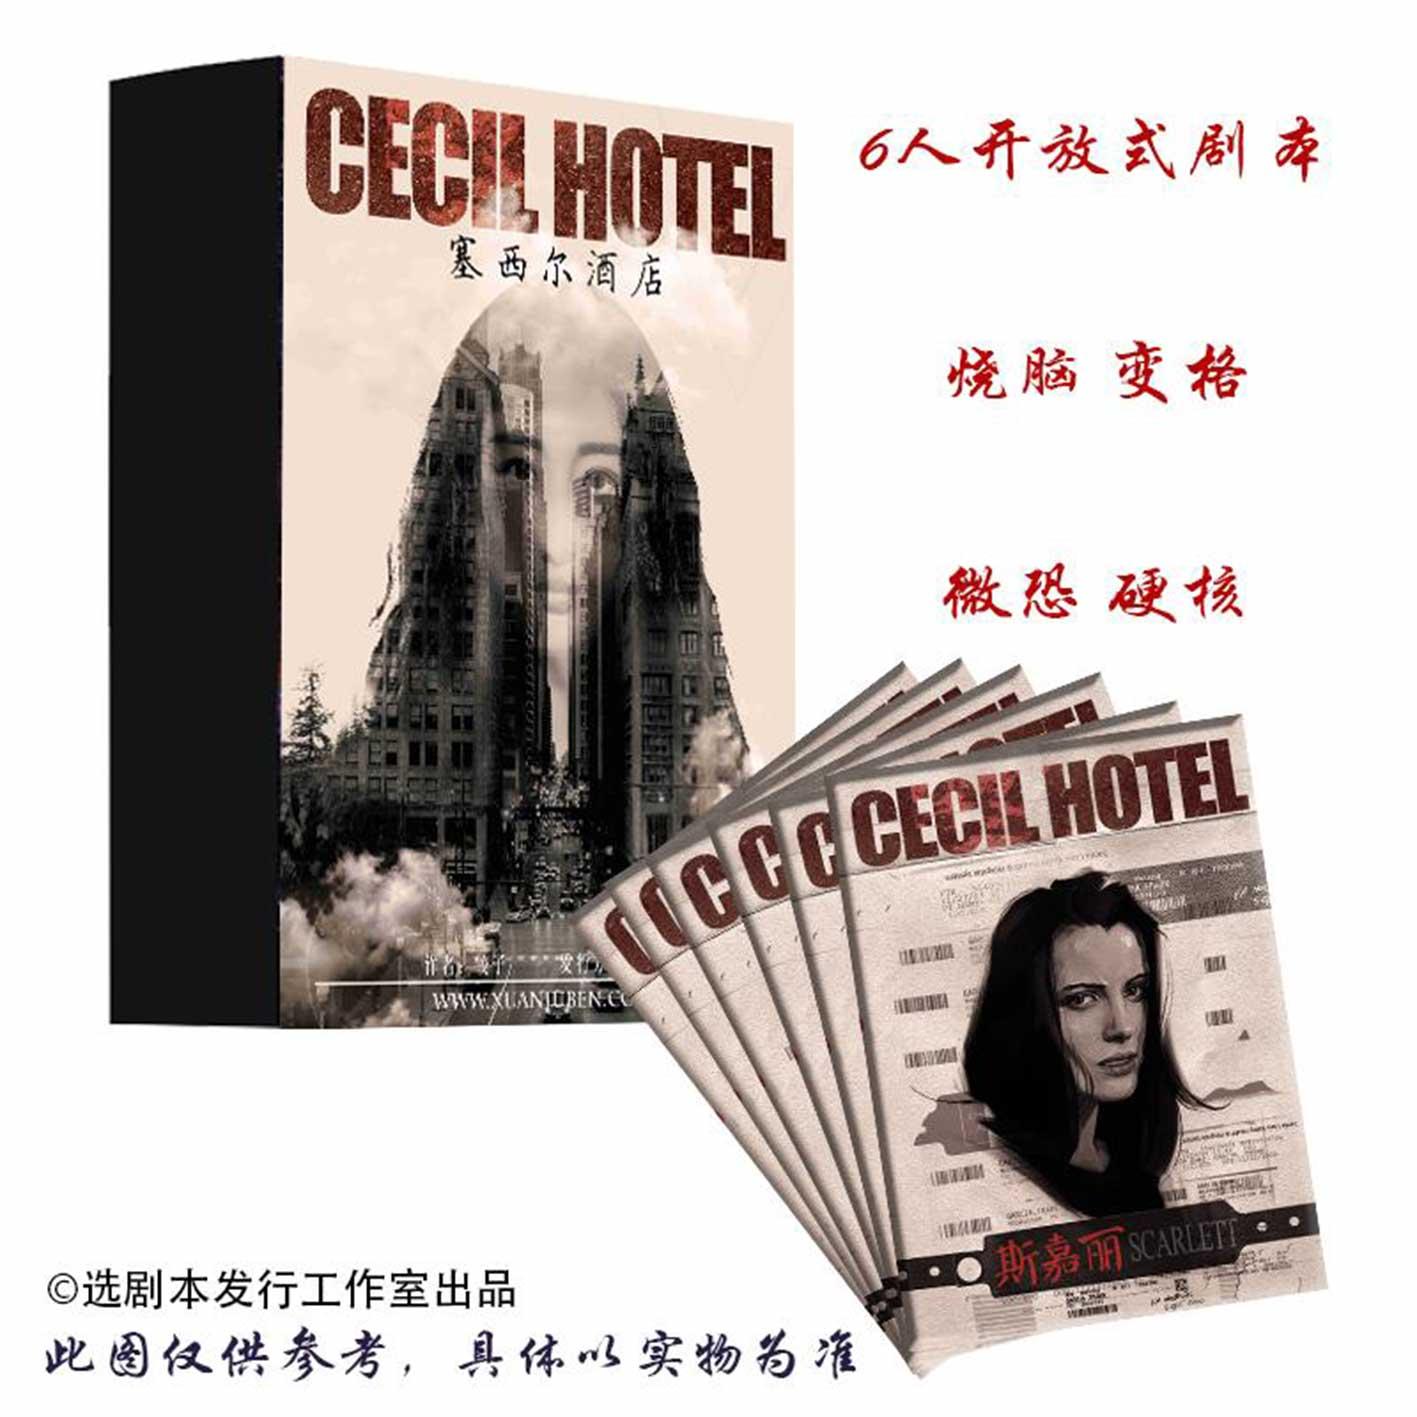 『塞西尔酒店』剧本杀复盘凶手是谁真相剧透解析